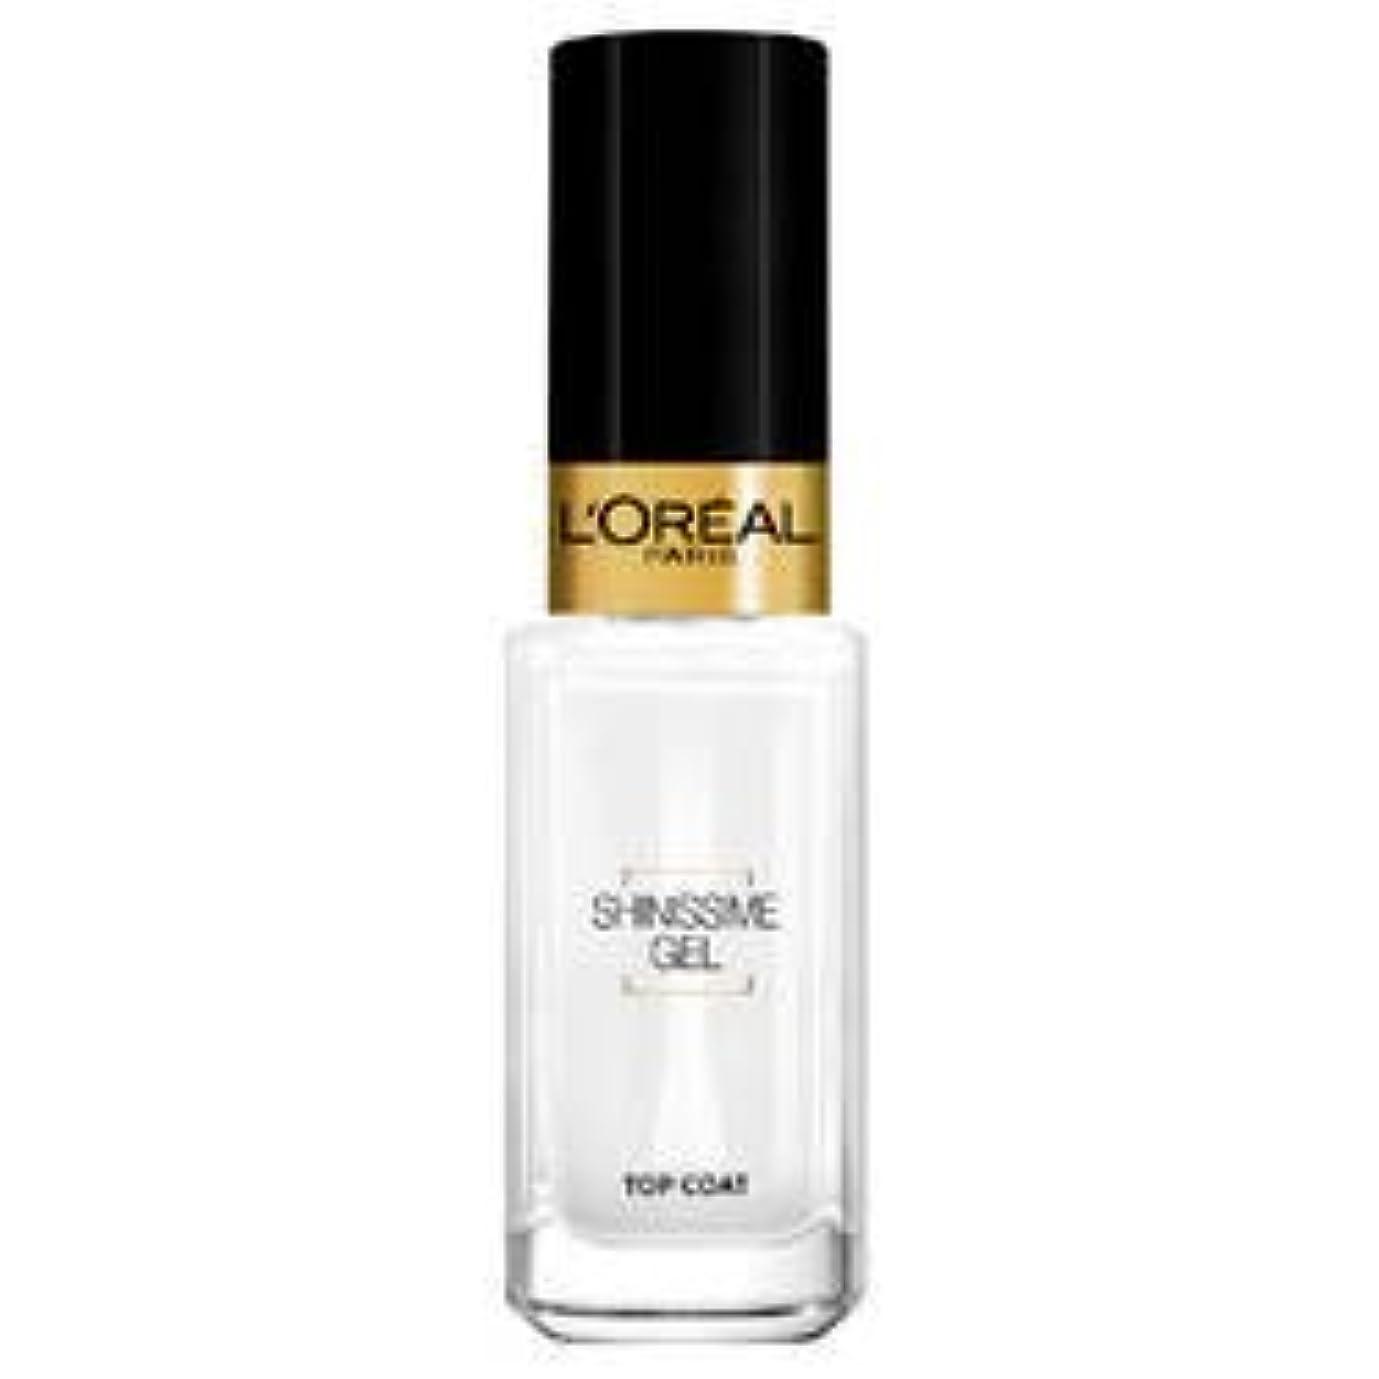 喜ぶグレートオークそれL'Oréal Paris La Manucure - Le Top Coat - Shinissime Gel- (for multi-item order extra postage cost will be reimbursed)